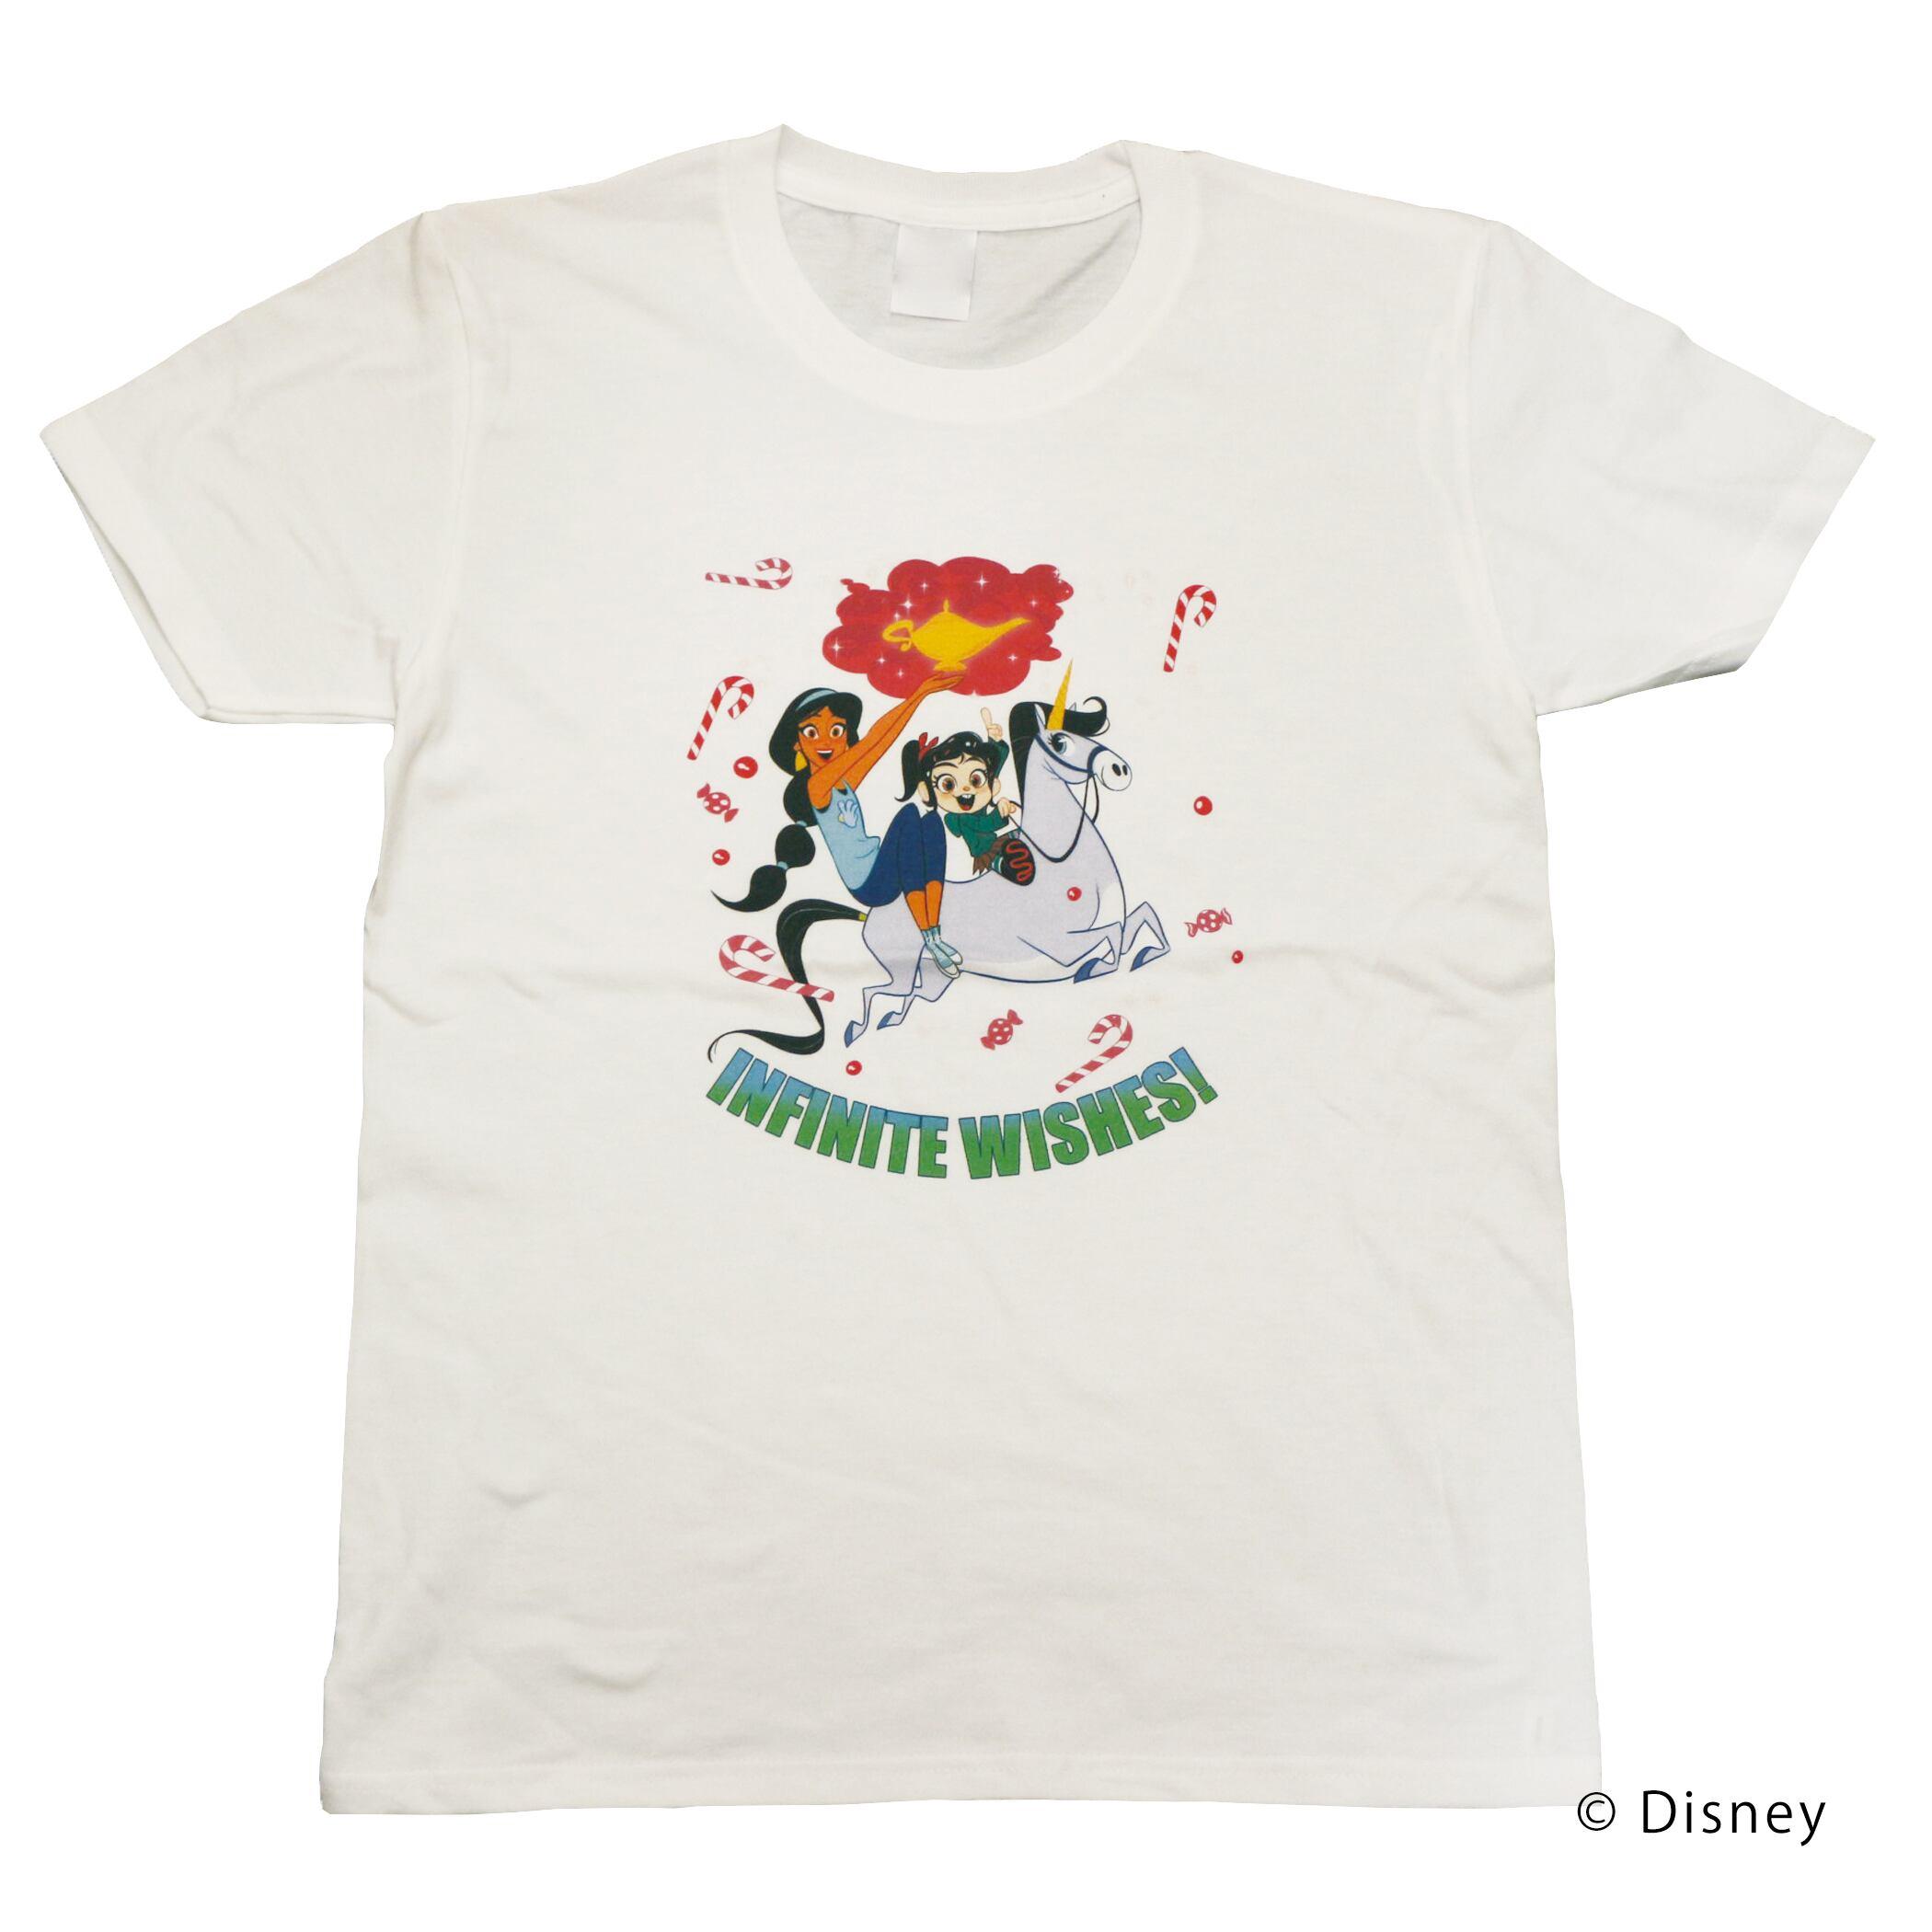 【ディズニー】シュガー・ラッシュ:オンライン ヴァネロペ & ジャスミン Tシャツ